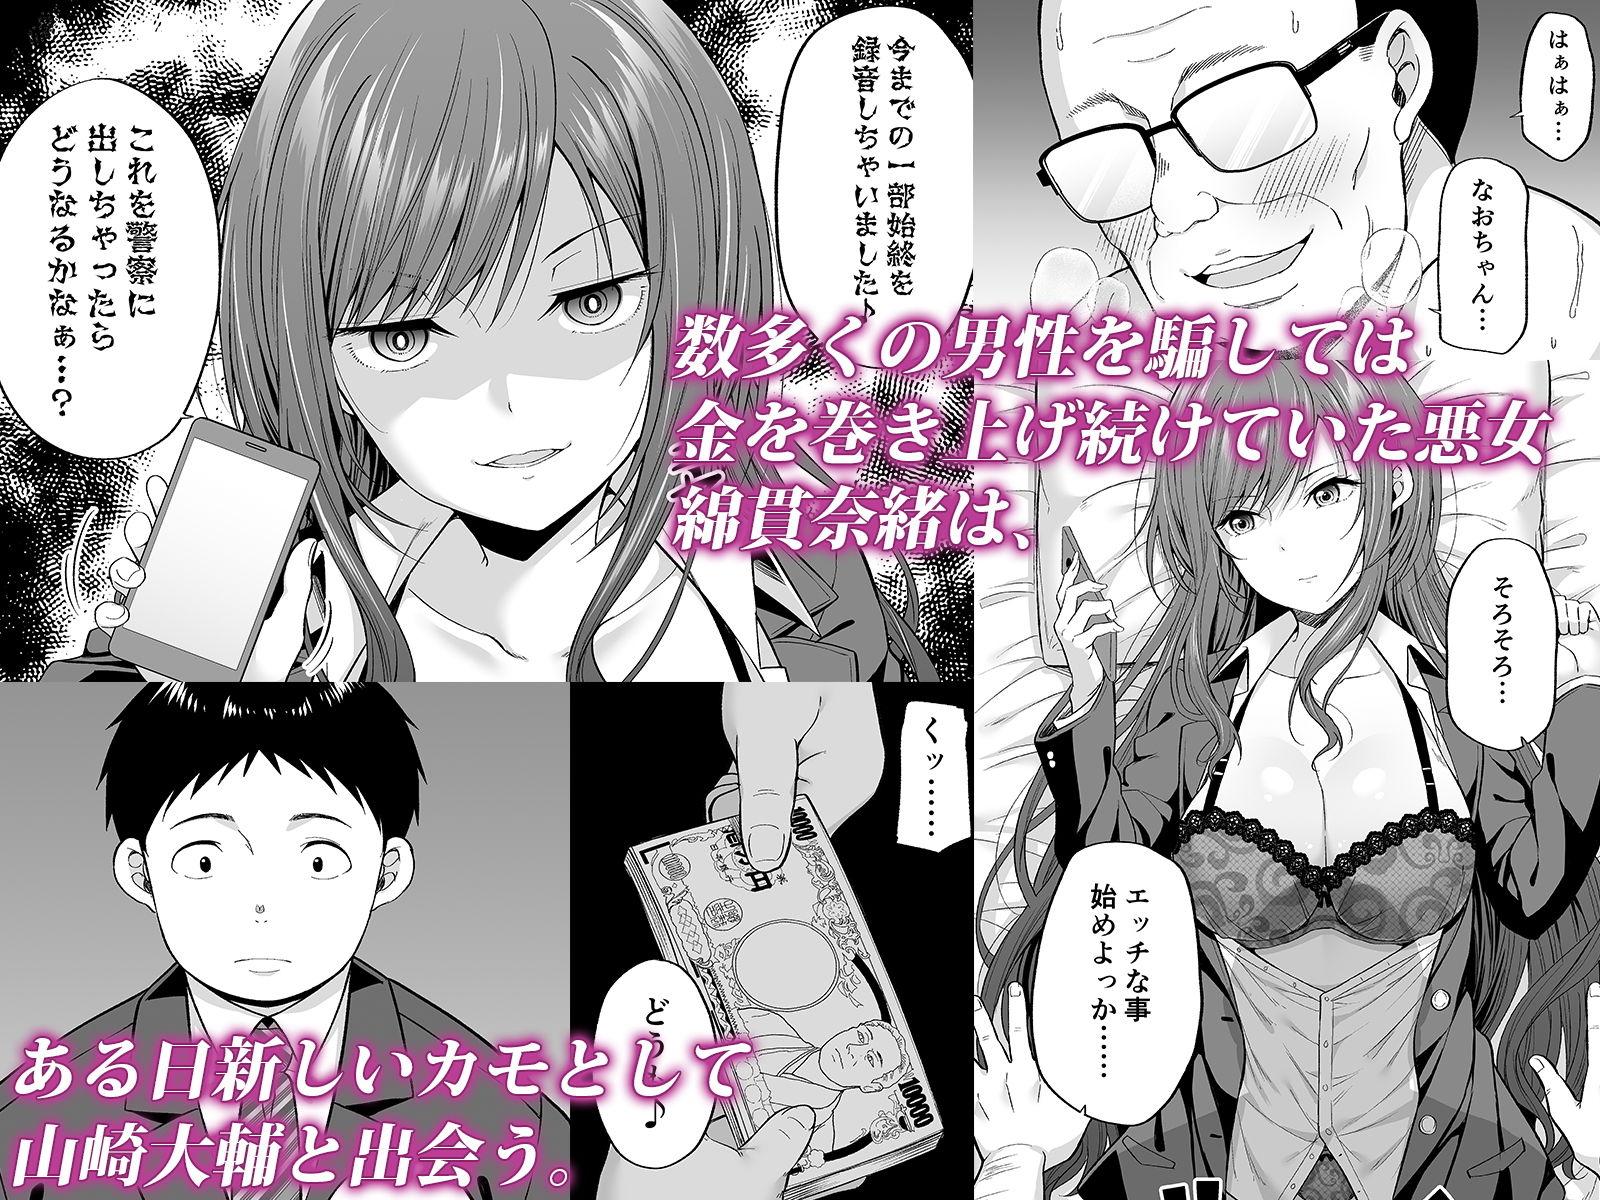 【ふじ家 同人】円交悪女じゃダメですか?